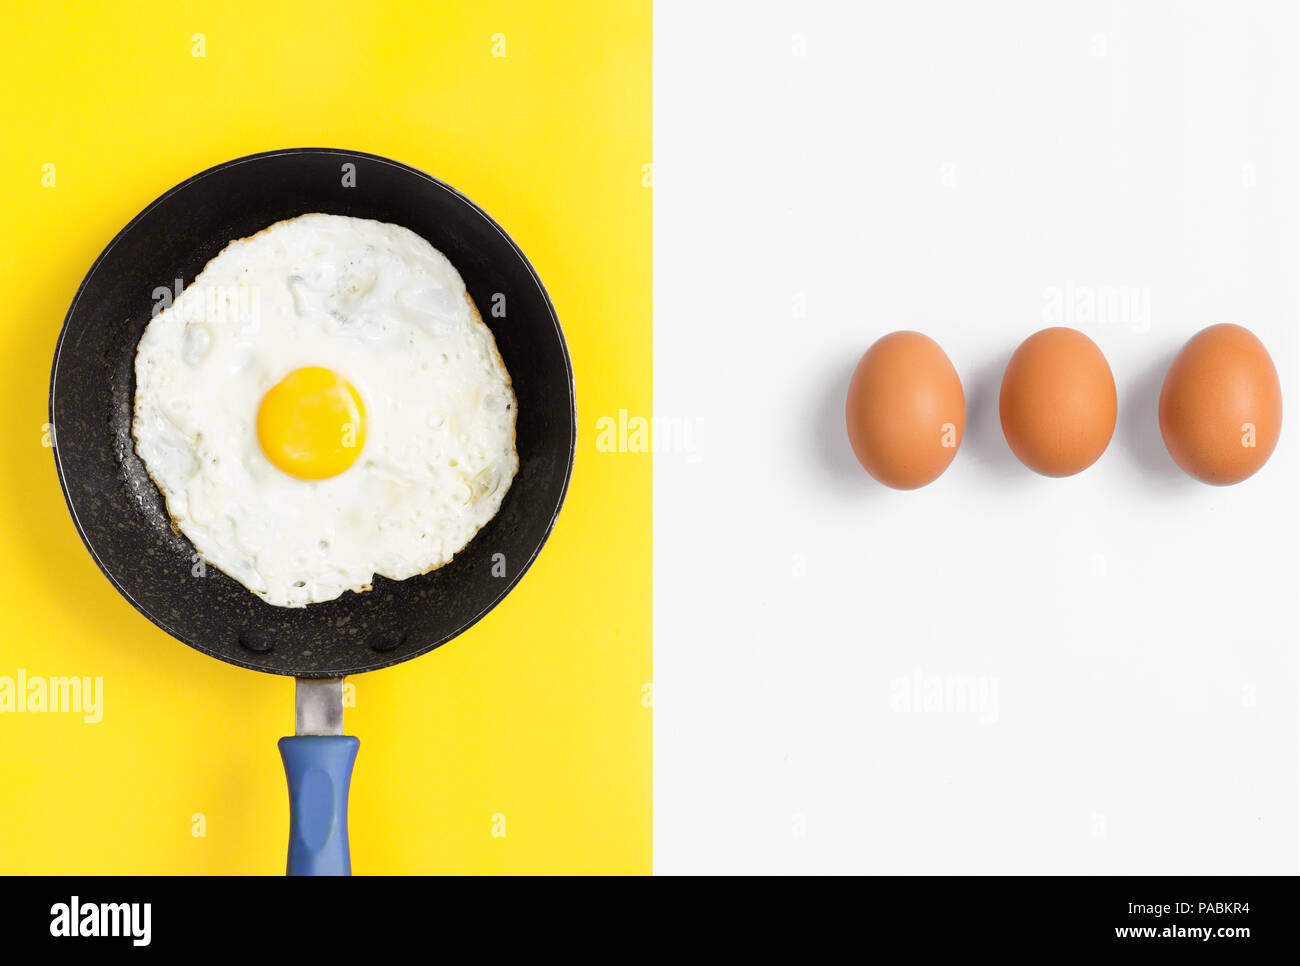 Split Farbe flach Bild mit gekochtem Ei in eine Pfanne und rohe Eier aufgereiht. Stockbild